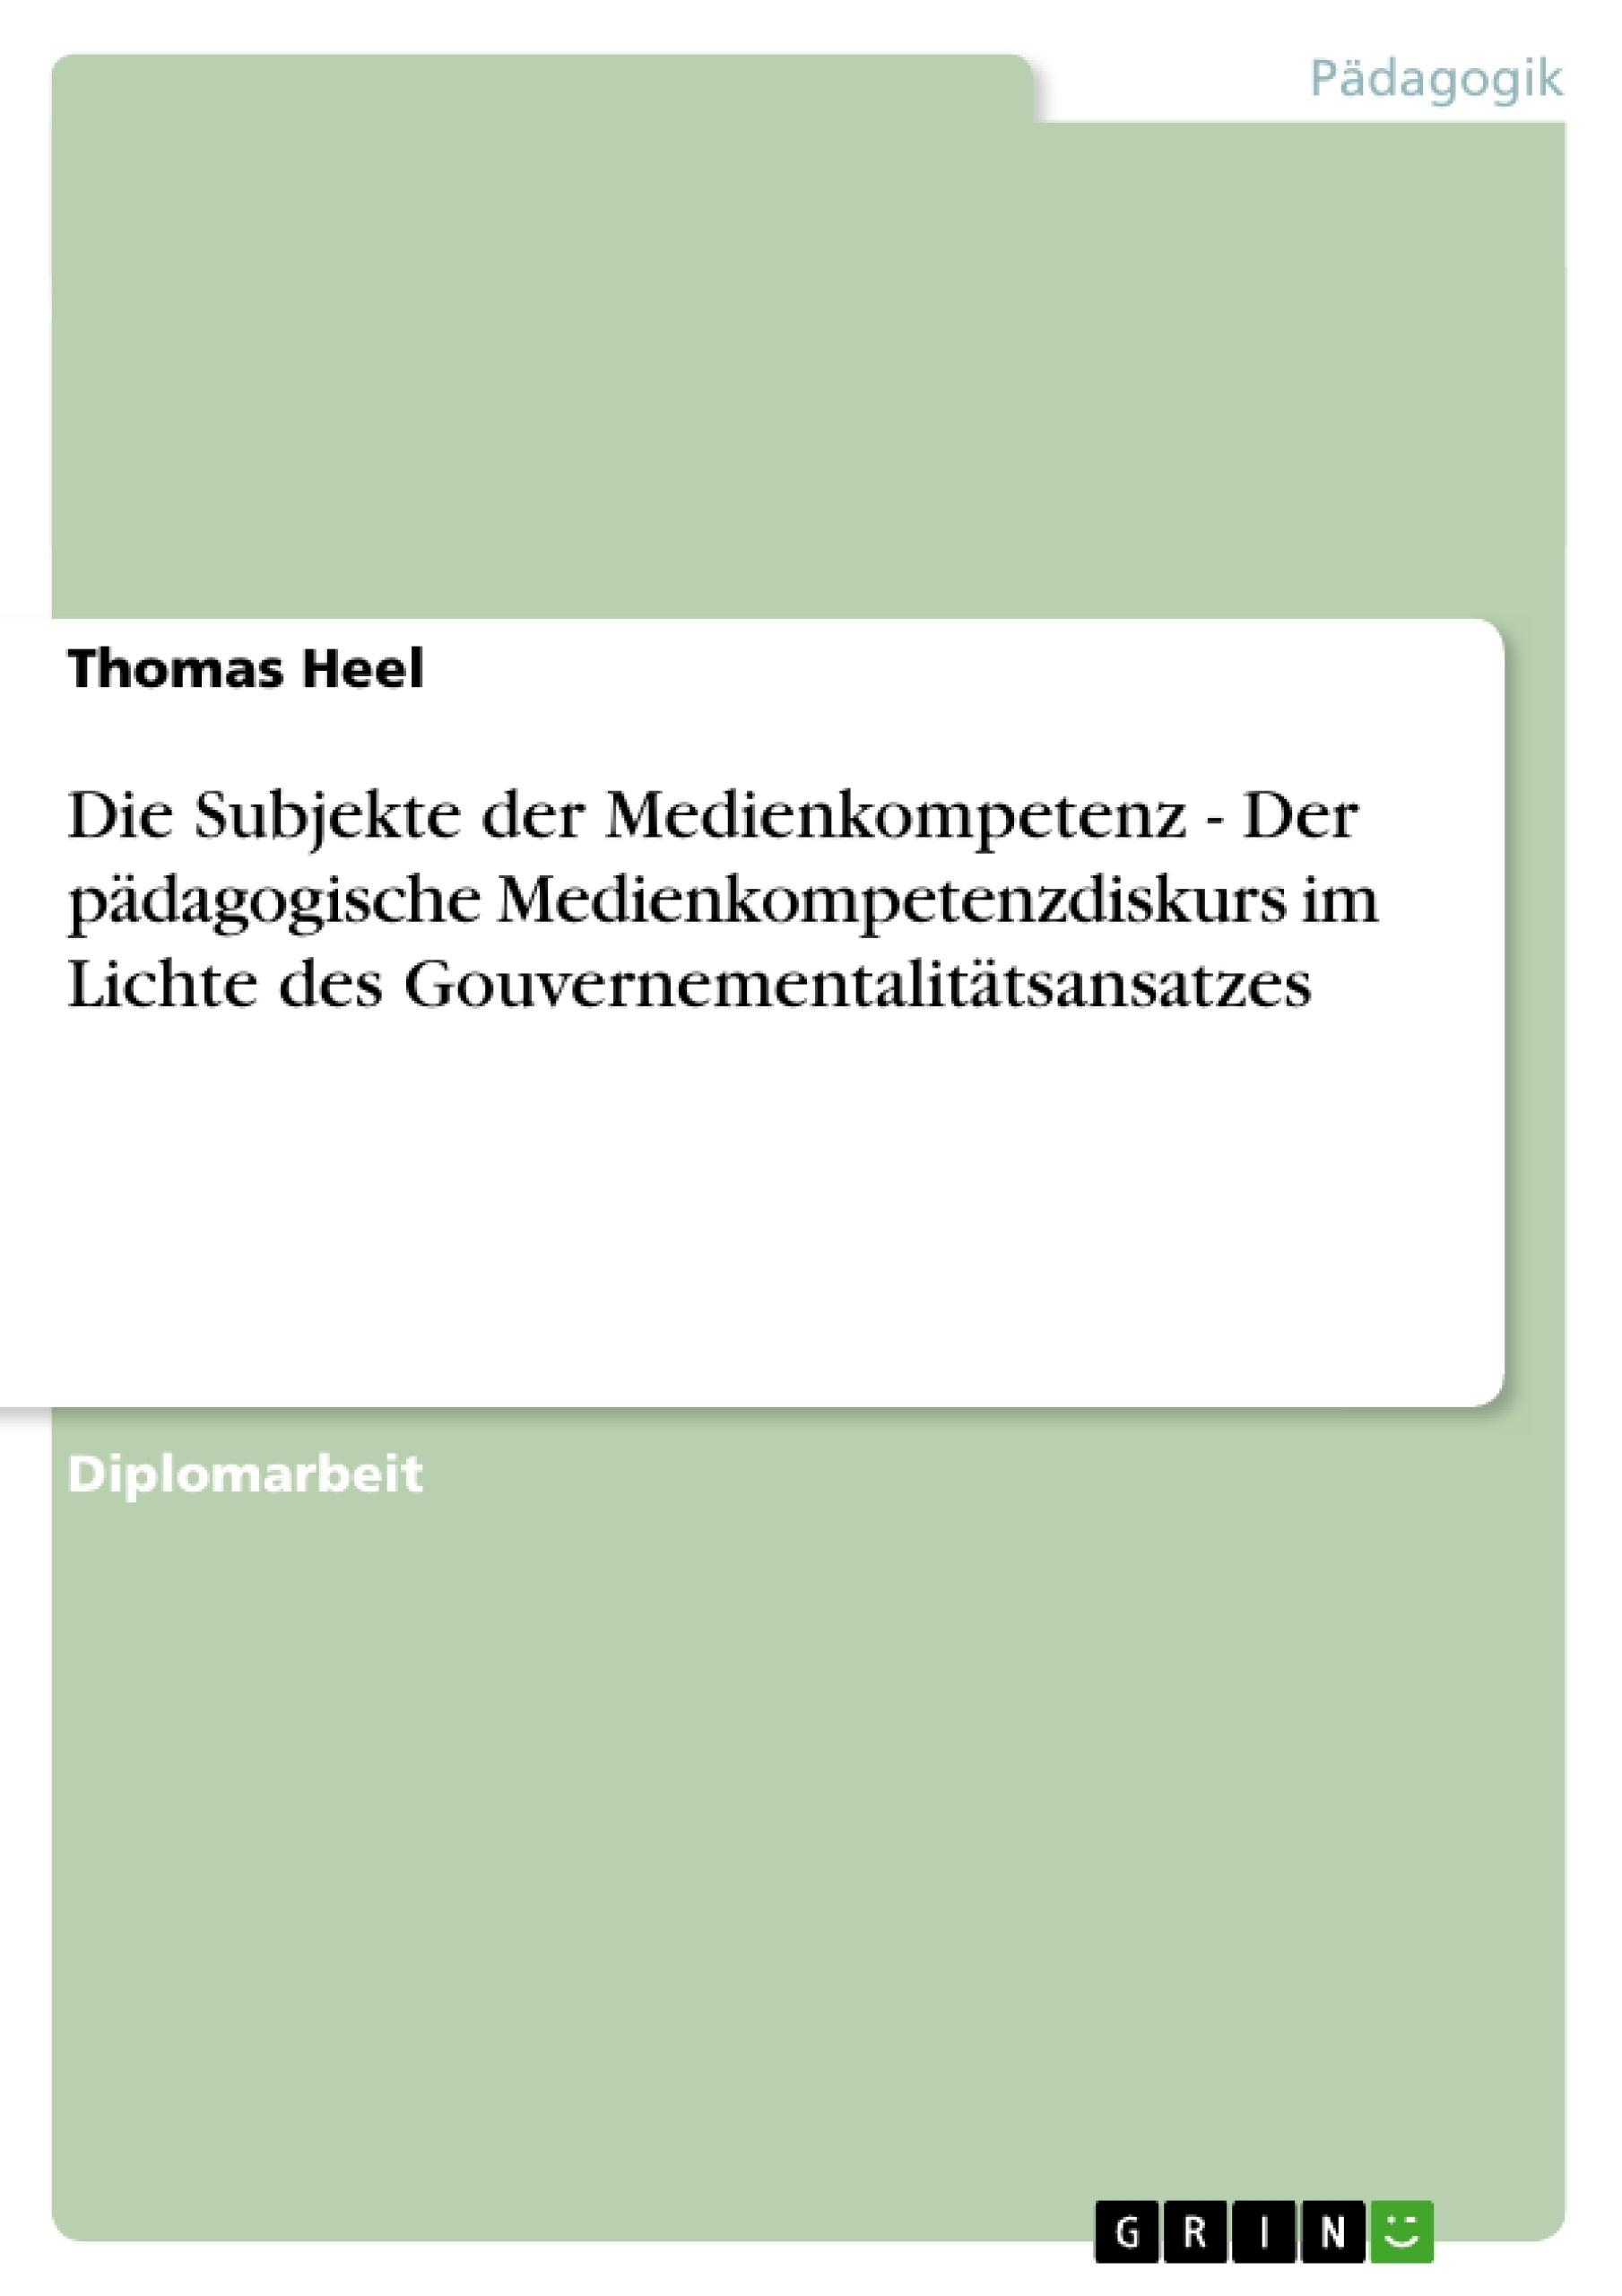 Titel: Die Subjekte der Medienkompetenz - Der pädagogische Medienkompetenzdiskurs im Lichte des Gouvernementalitätsansatzes